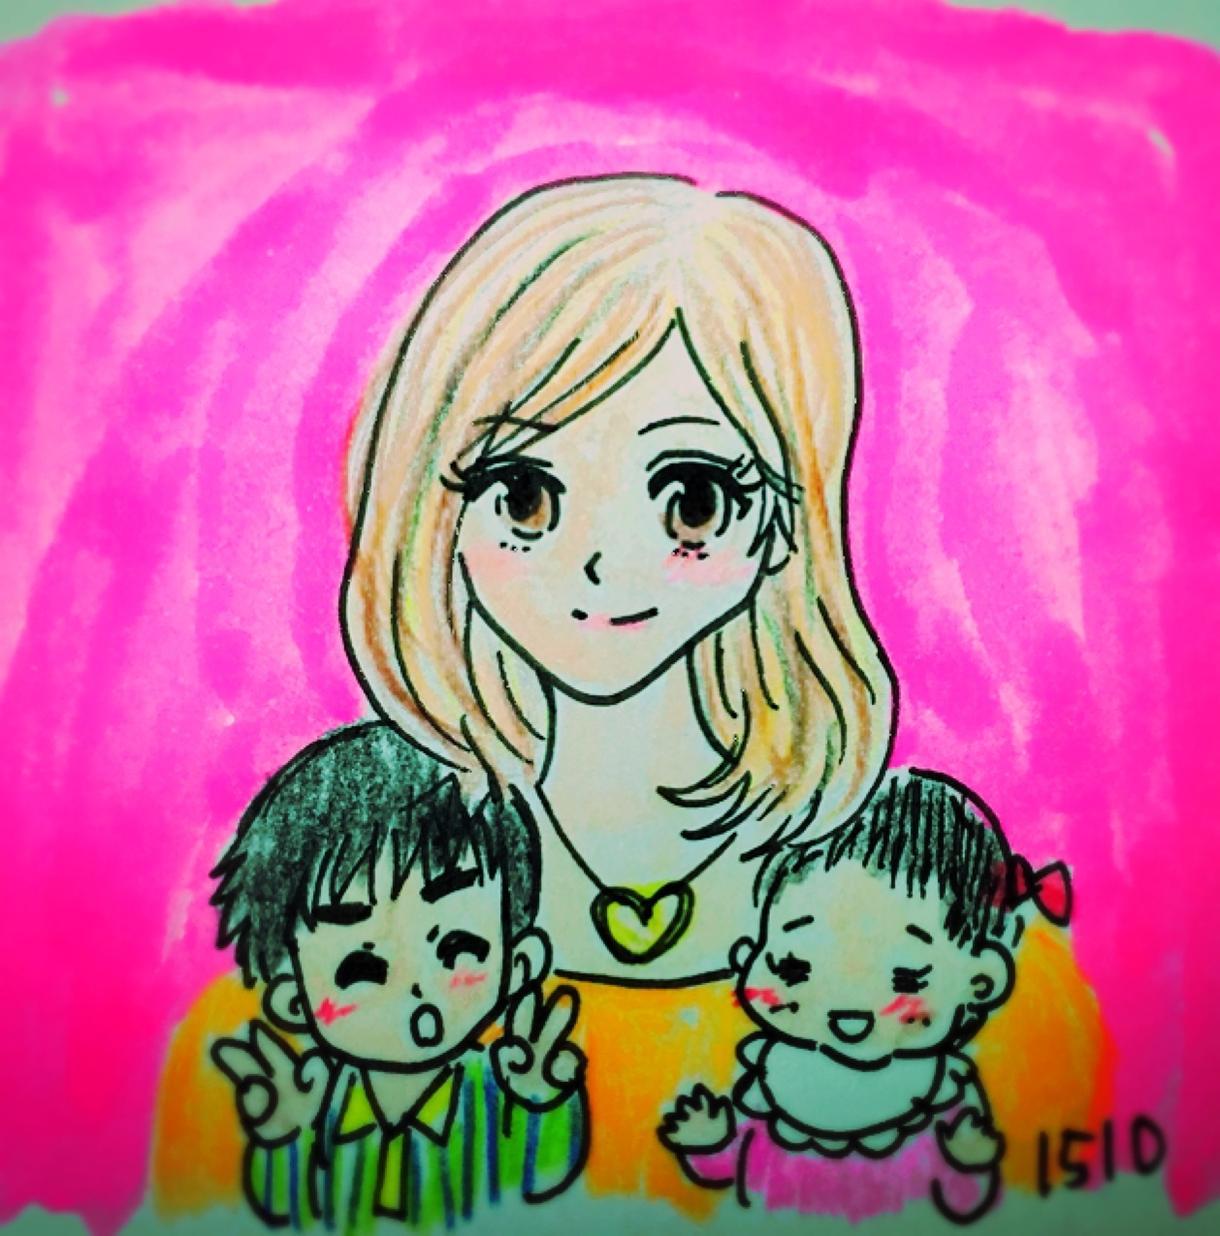 SNS用ママ、パパ、お子さんのアイコン描きます ゆるっと手描きイラストで!直感でお描きします